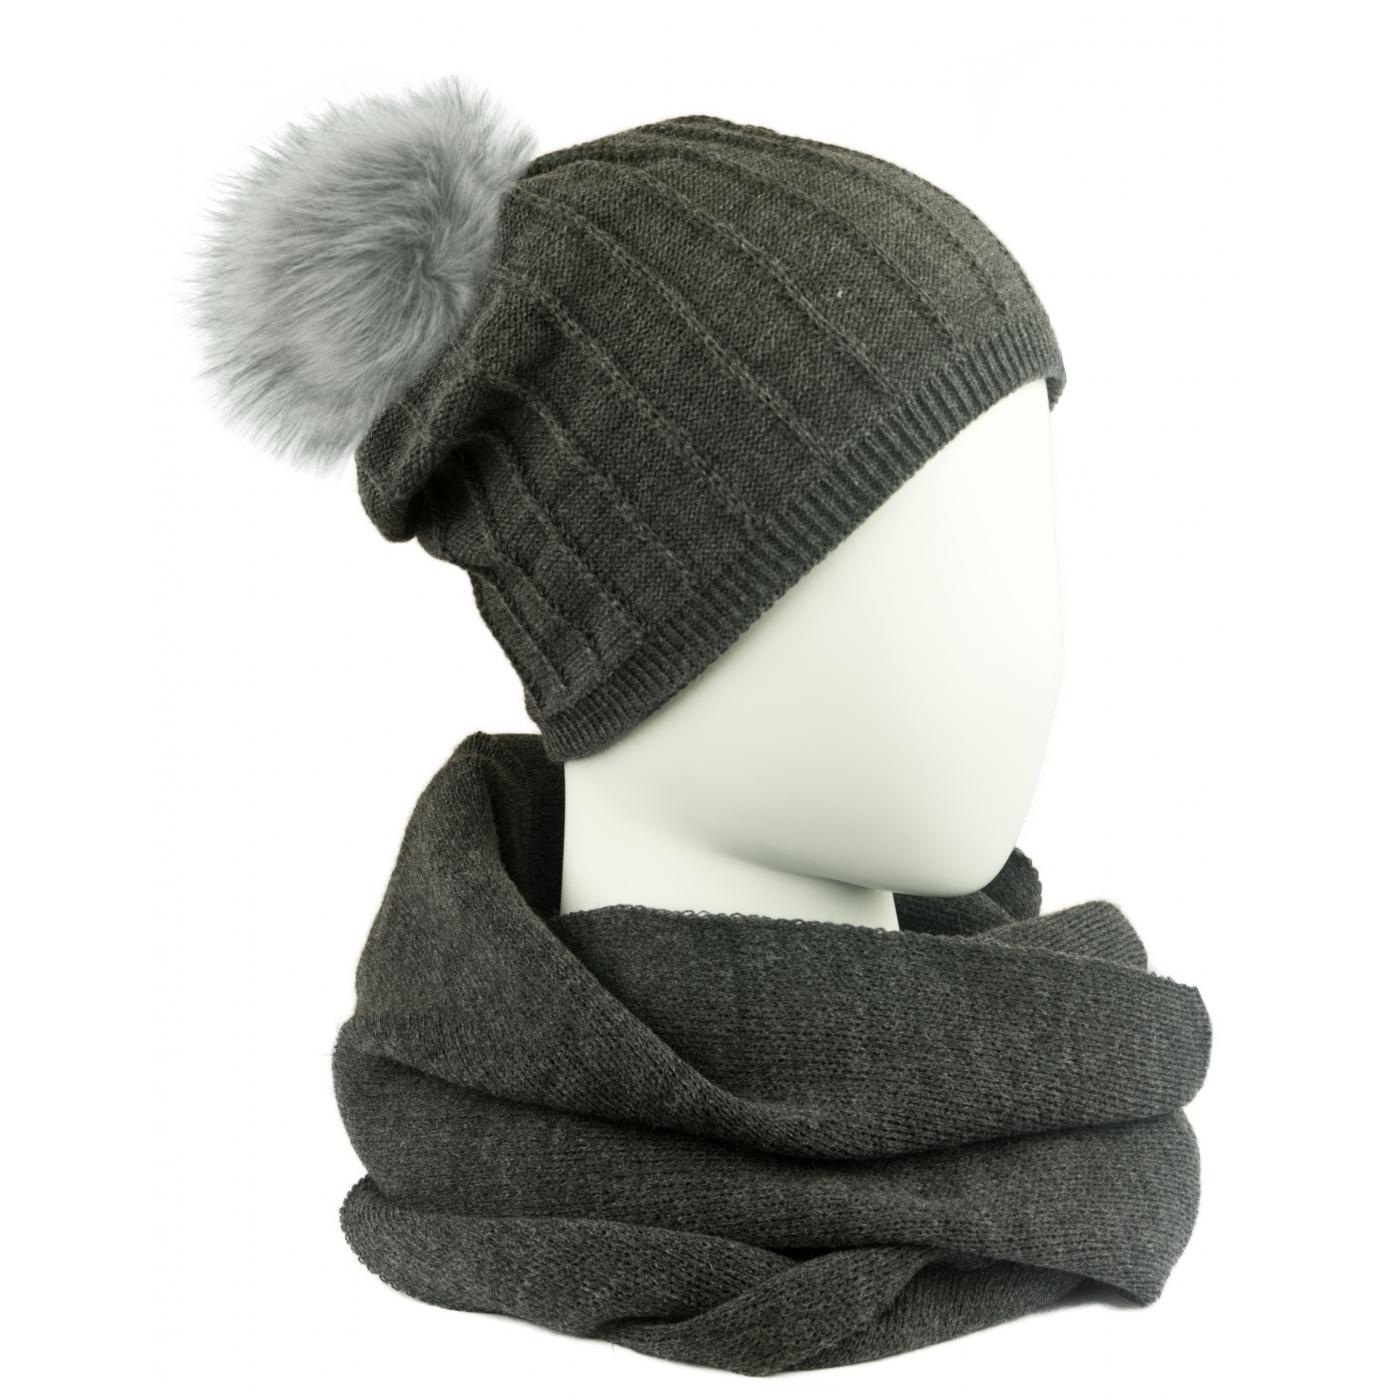 Komplet damski prążkowana czapka z pomponem i szalik komin - grafitowy